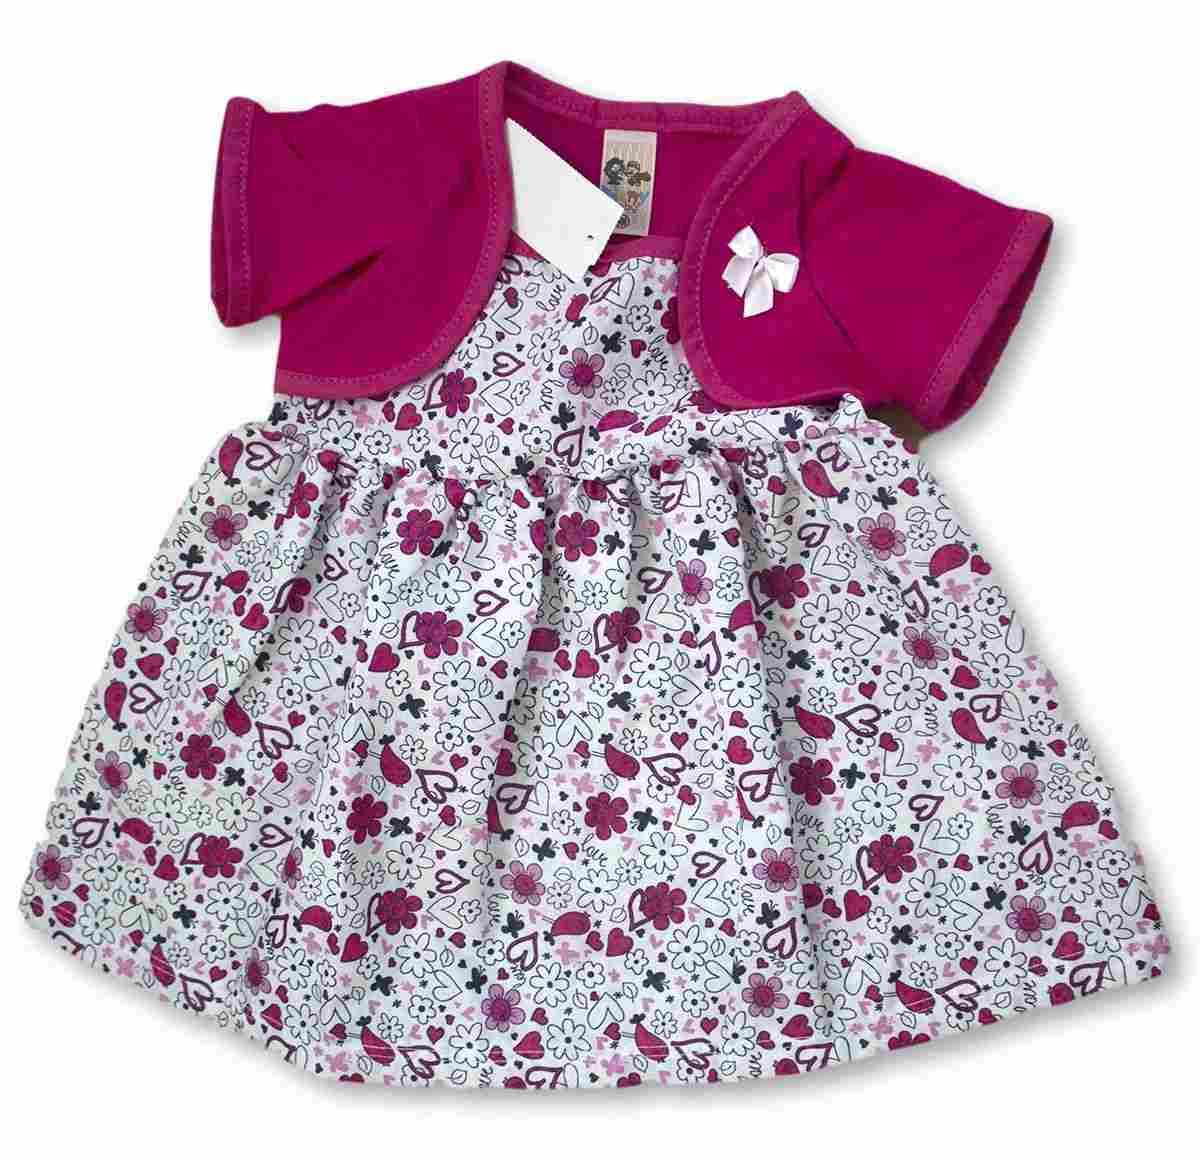 Vestido Bebê Recém Nascido Feminino Menina Cod 9054